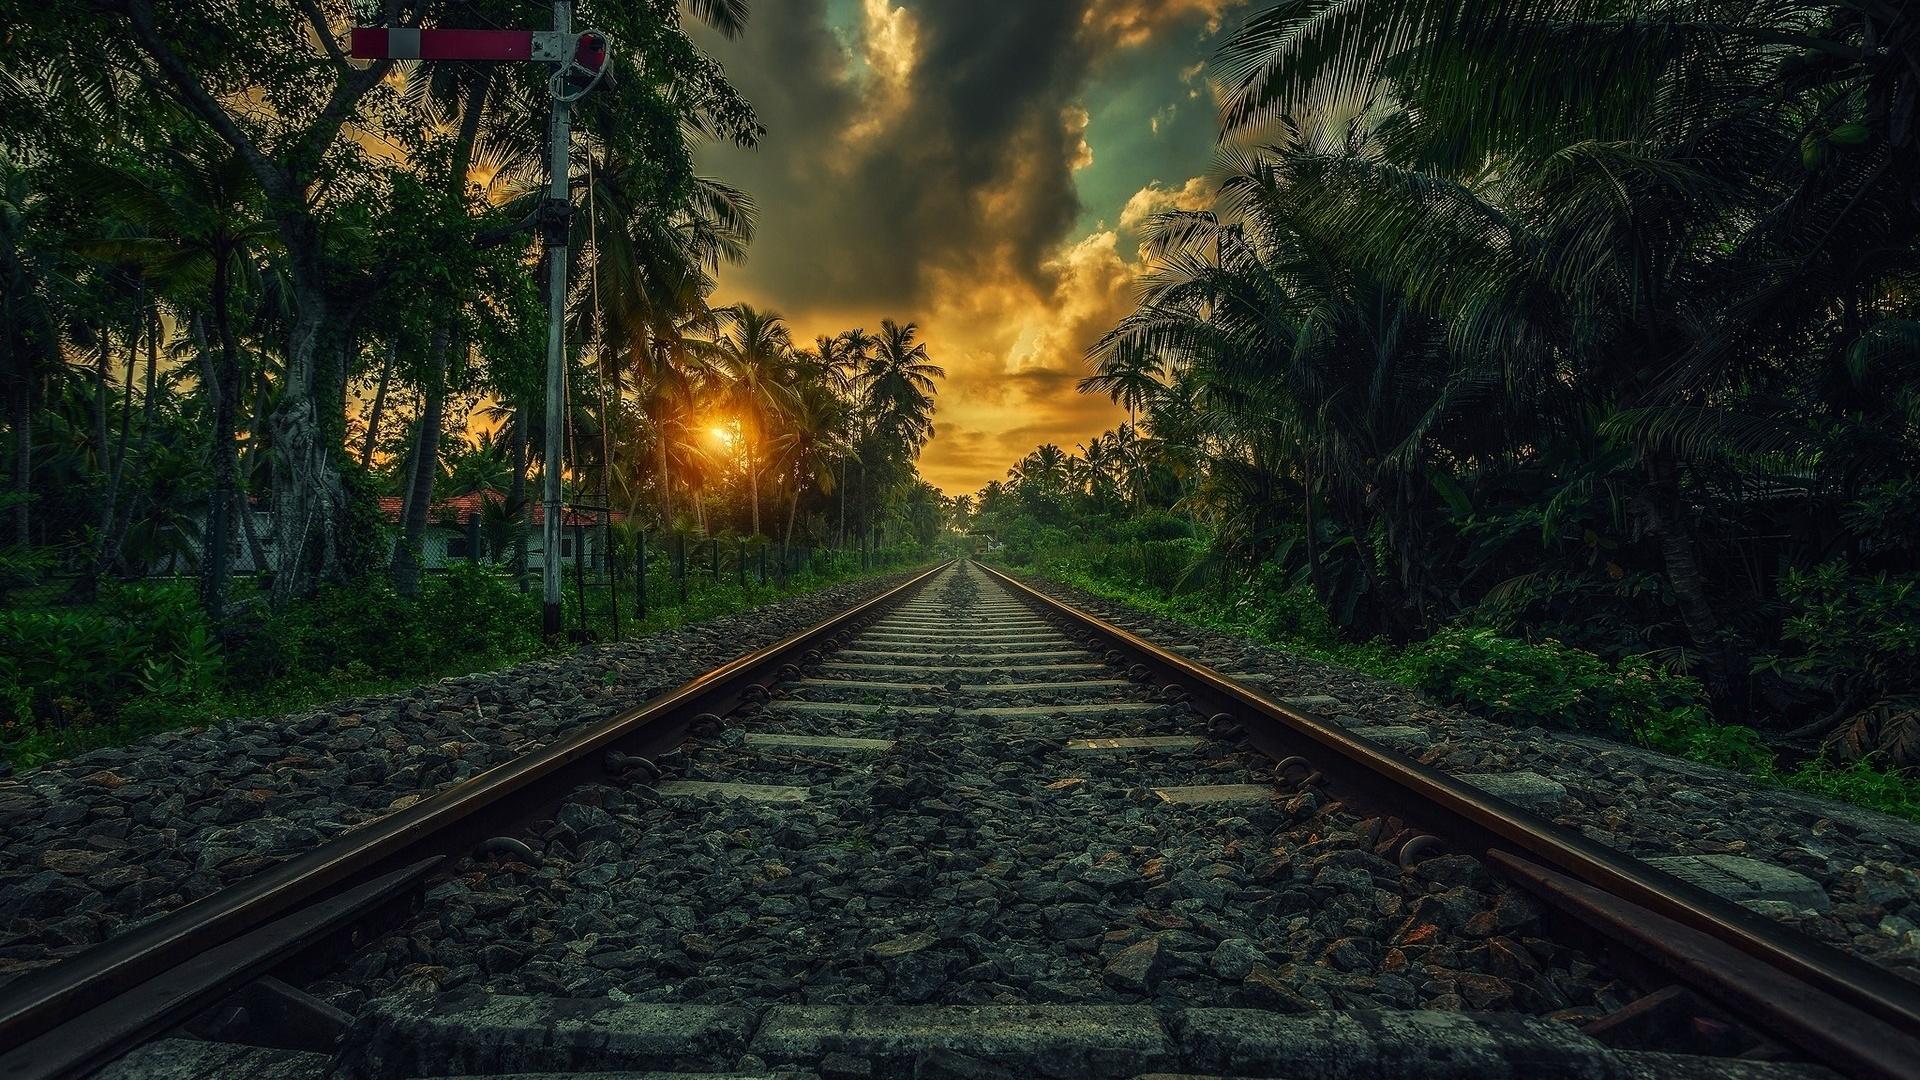 жд, путь, жб, верхнее строение пути, рельсы, контррельс, переезд, курорт, пальмы, закат, красиво